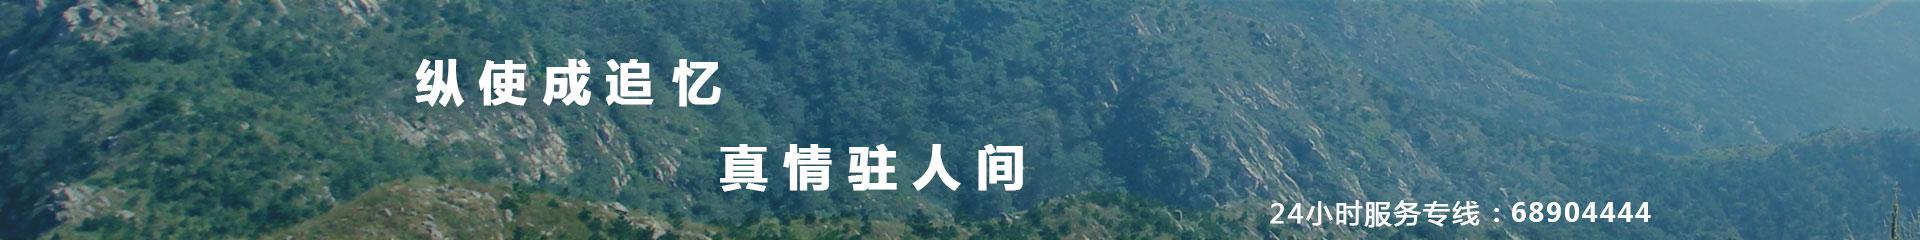 重庆殡葬必威体育官网下载